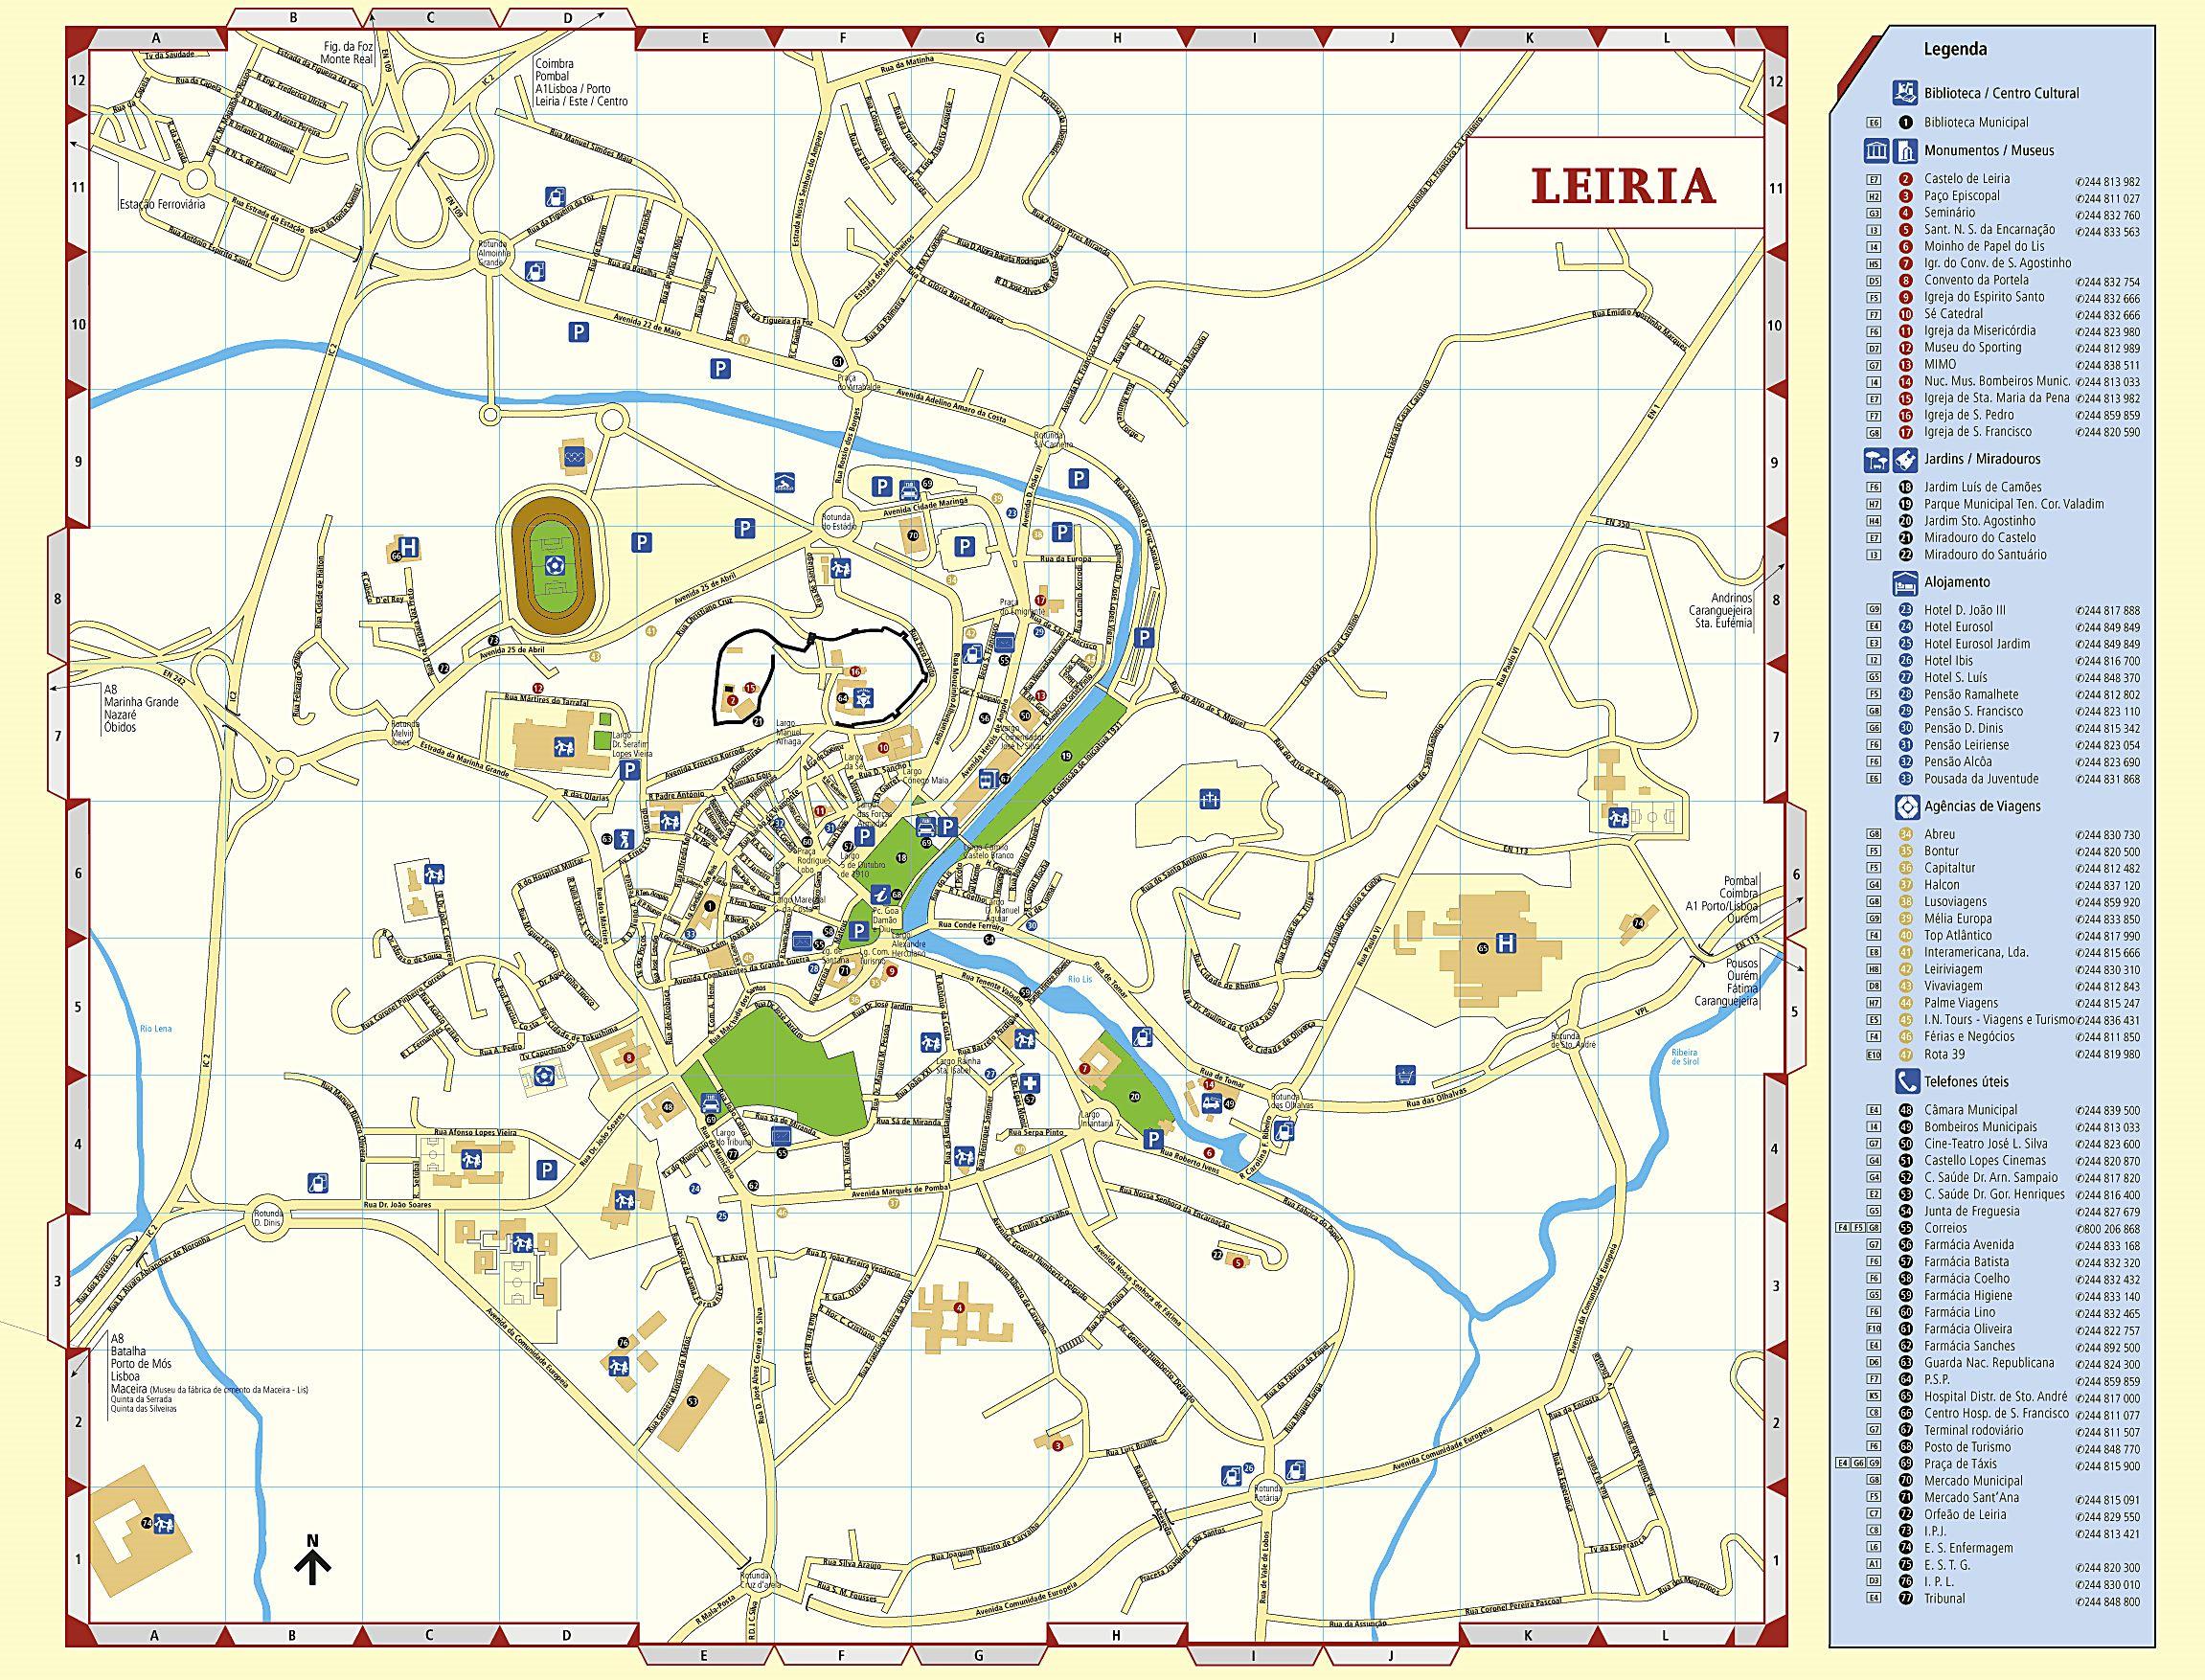 Stadtplan von Leiria | Detaillierte gedruckte Karten von ...